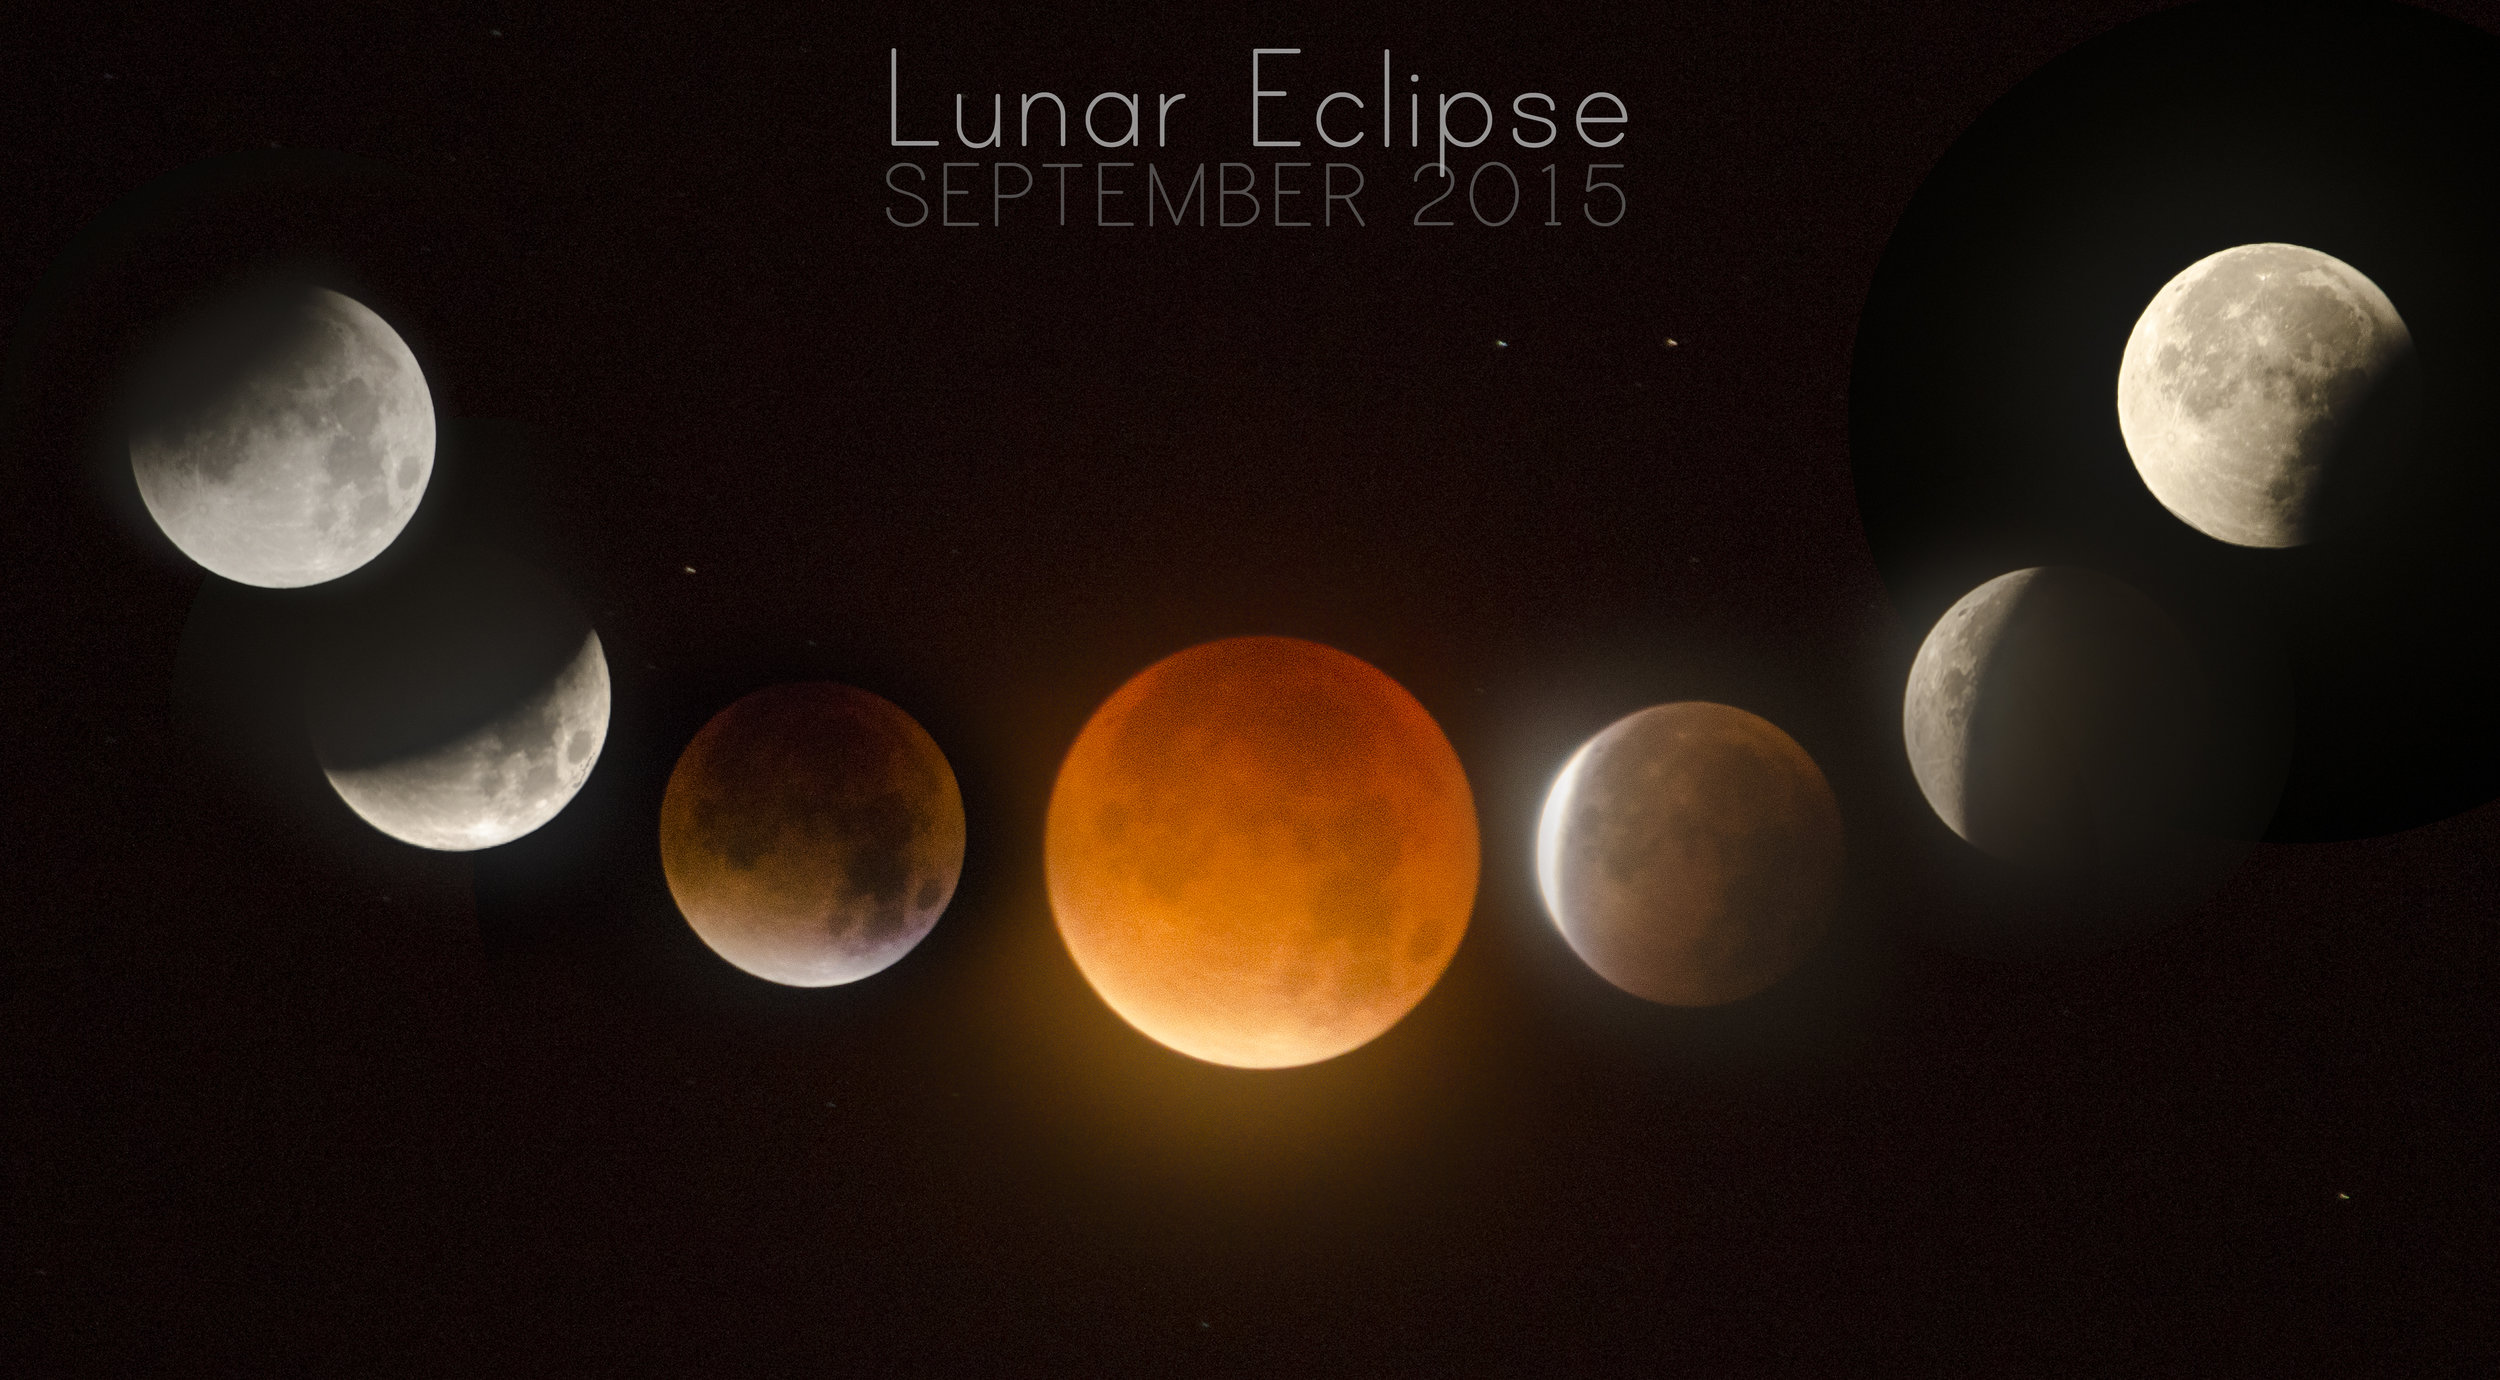 Lunar eclipse montage.jpg